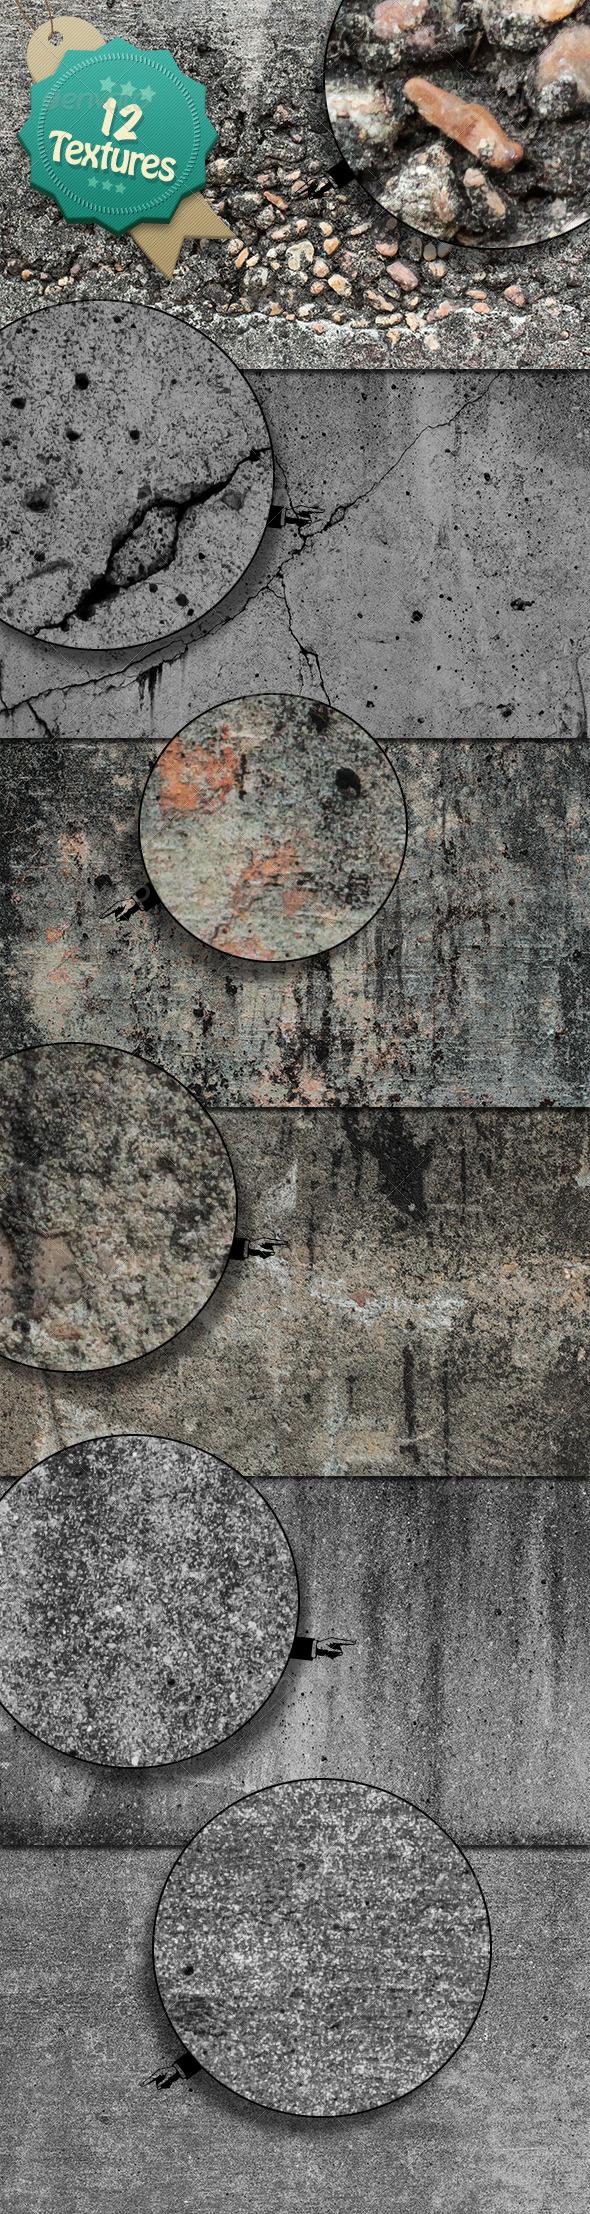 Grunge Concrete Textures - Industrial / Grunge Textures